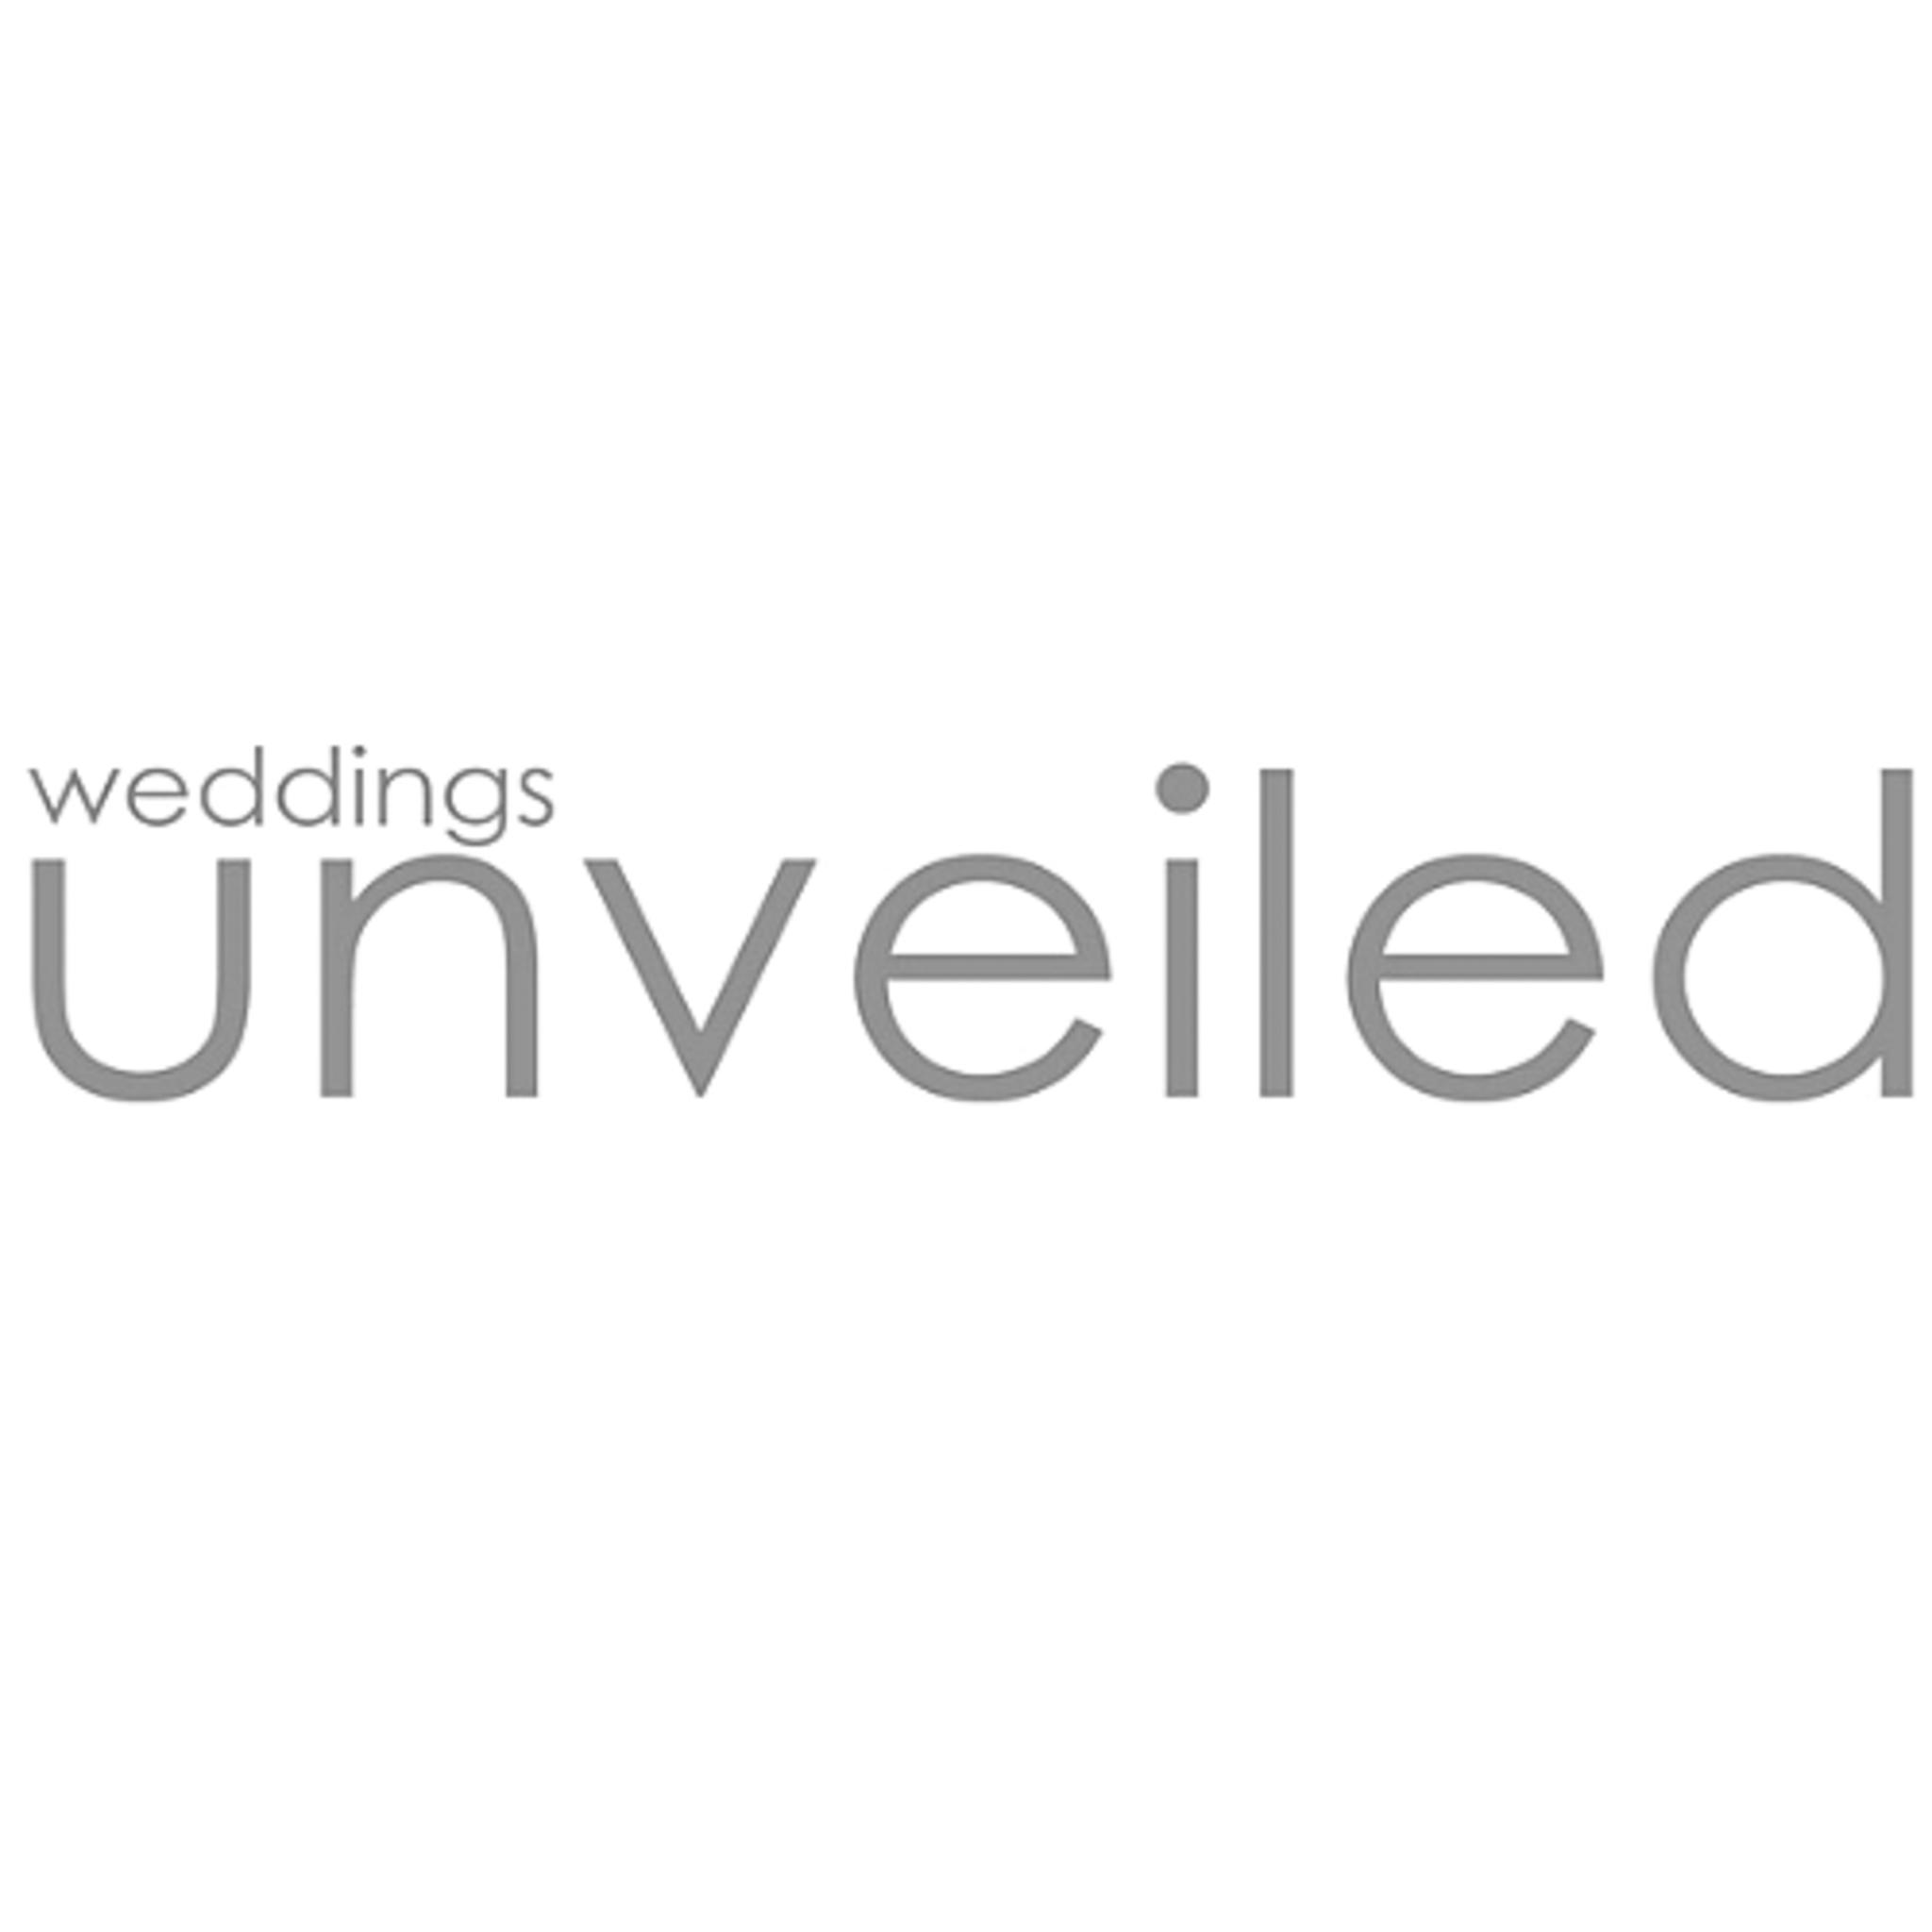 Weddings Unveiled.jpg